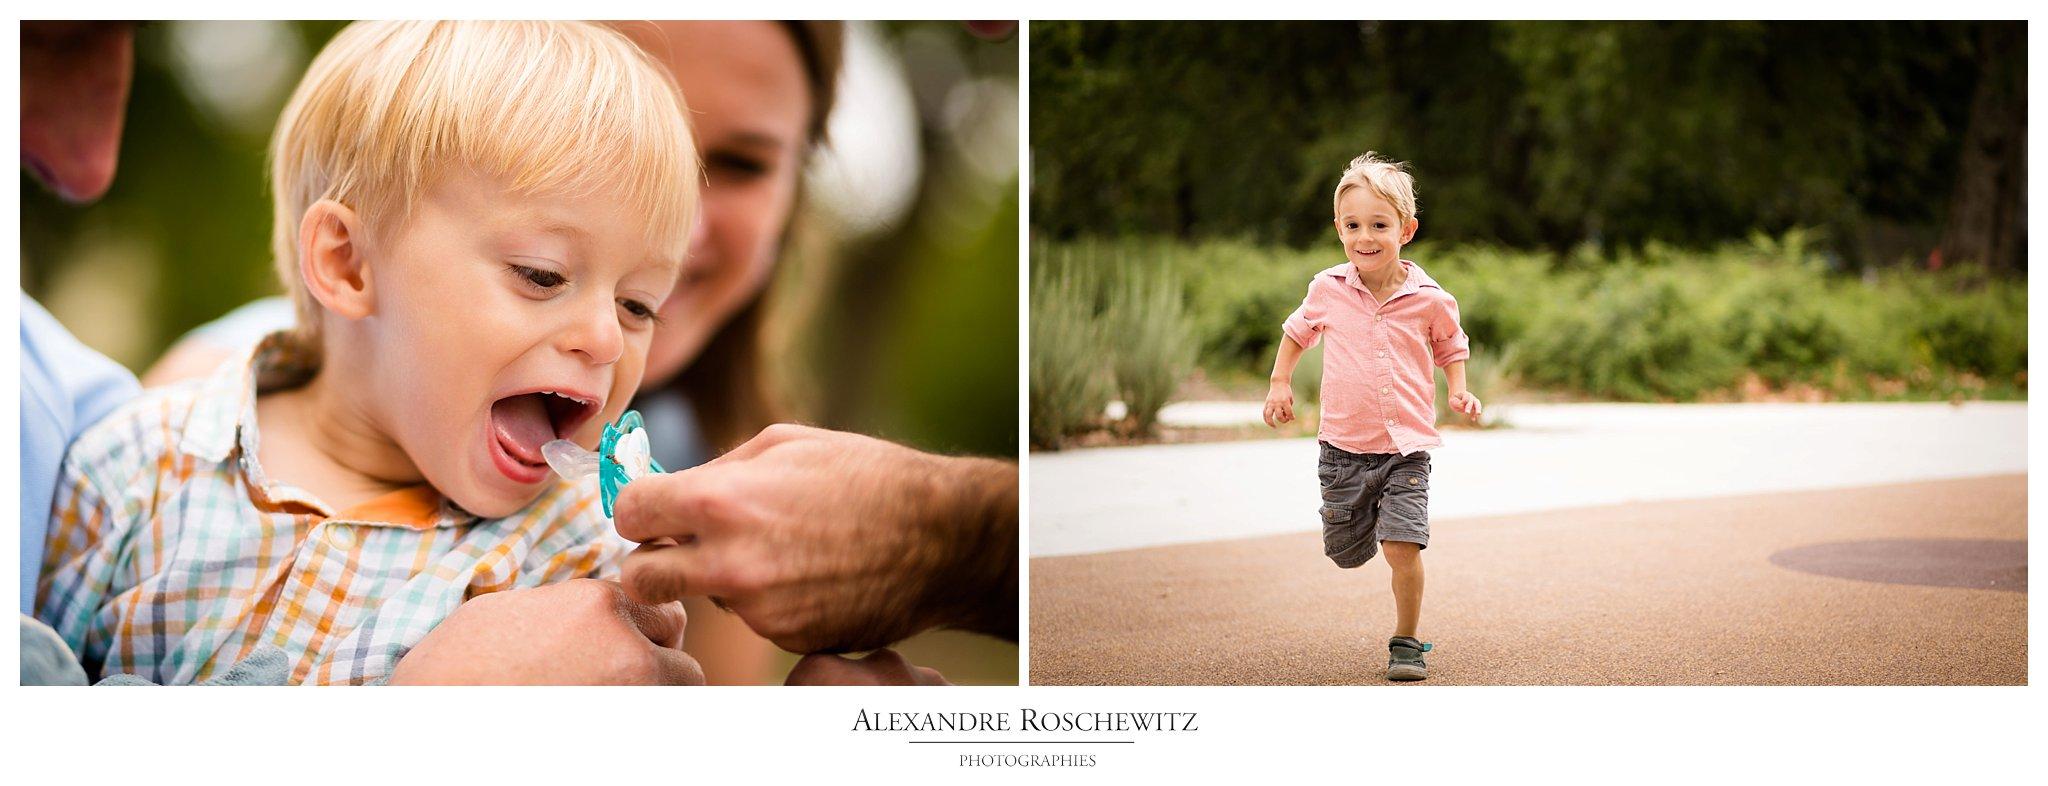 La séance engagement et famille de Nathalie et Nicolas au Parc Bordelais. Alexandre Roschewitz Photographies.